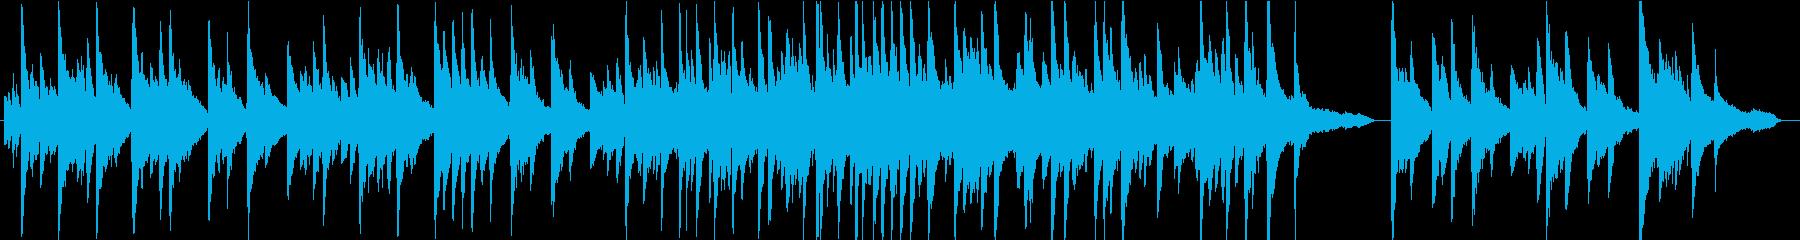 クラシカルな雰囲気のピアノソロ曲ですの再生済みの波形